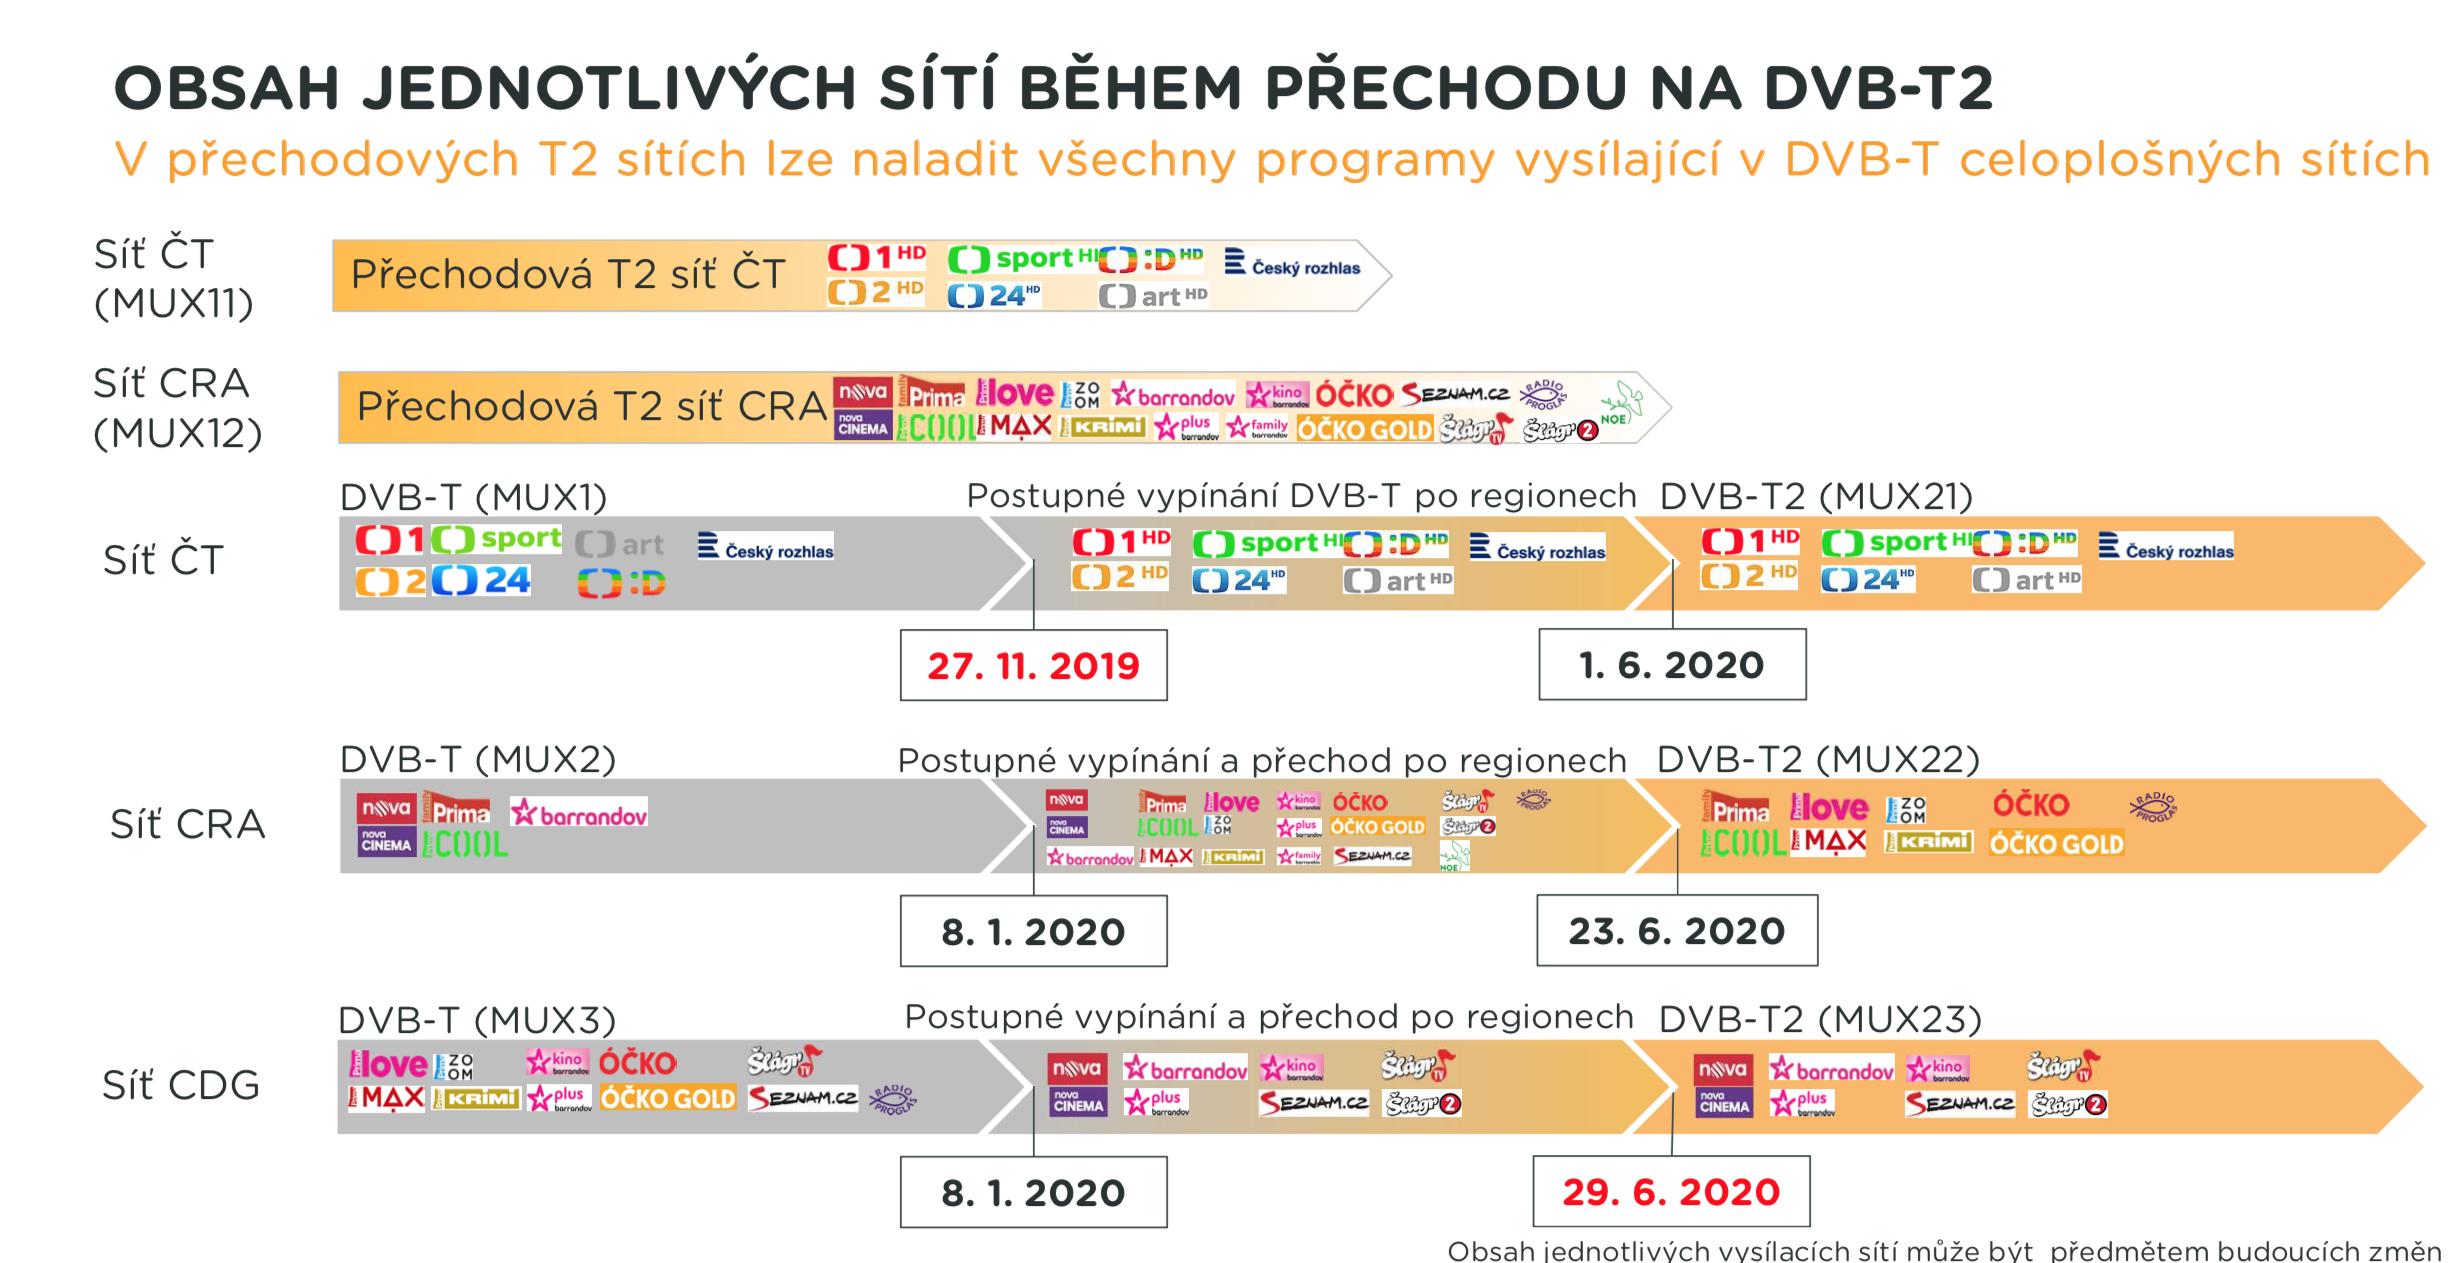 Jak se bude měnit obsah sítí při přechodu na DVB-T2